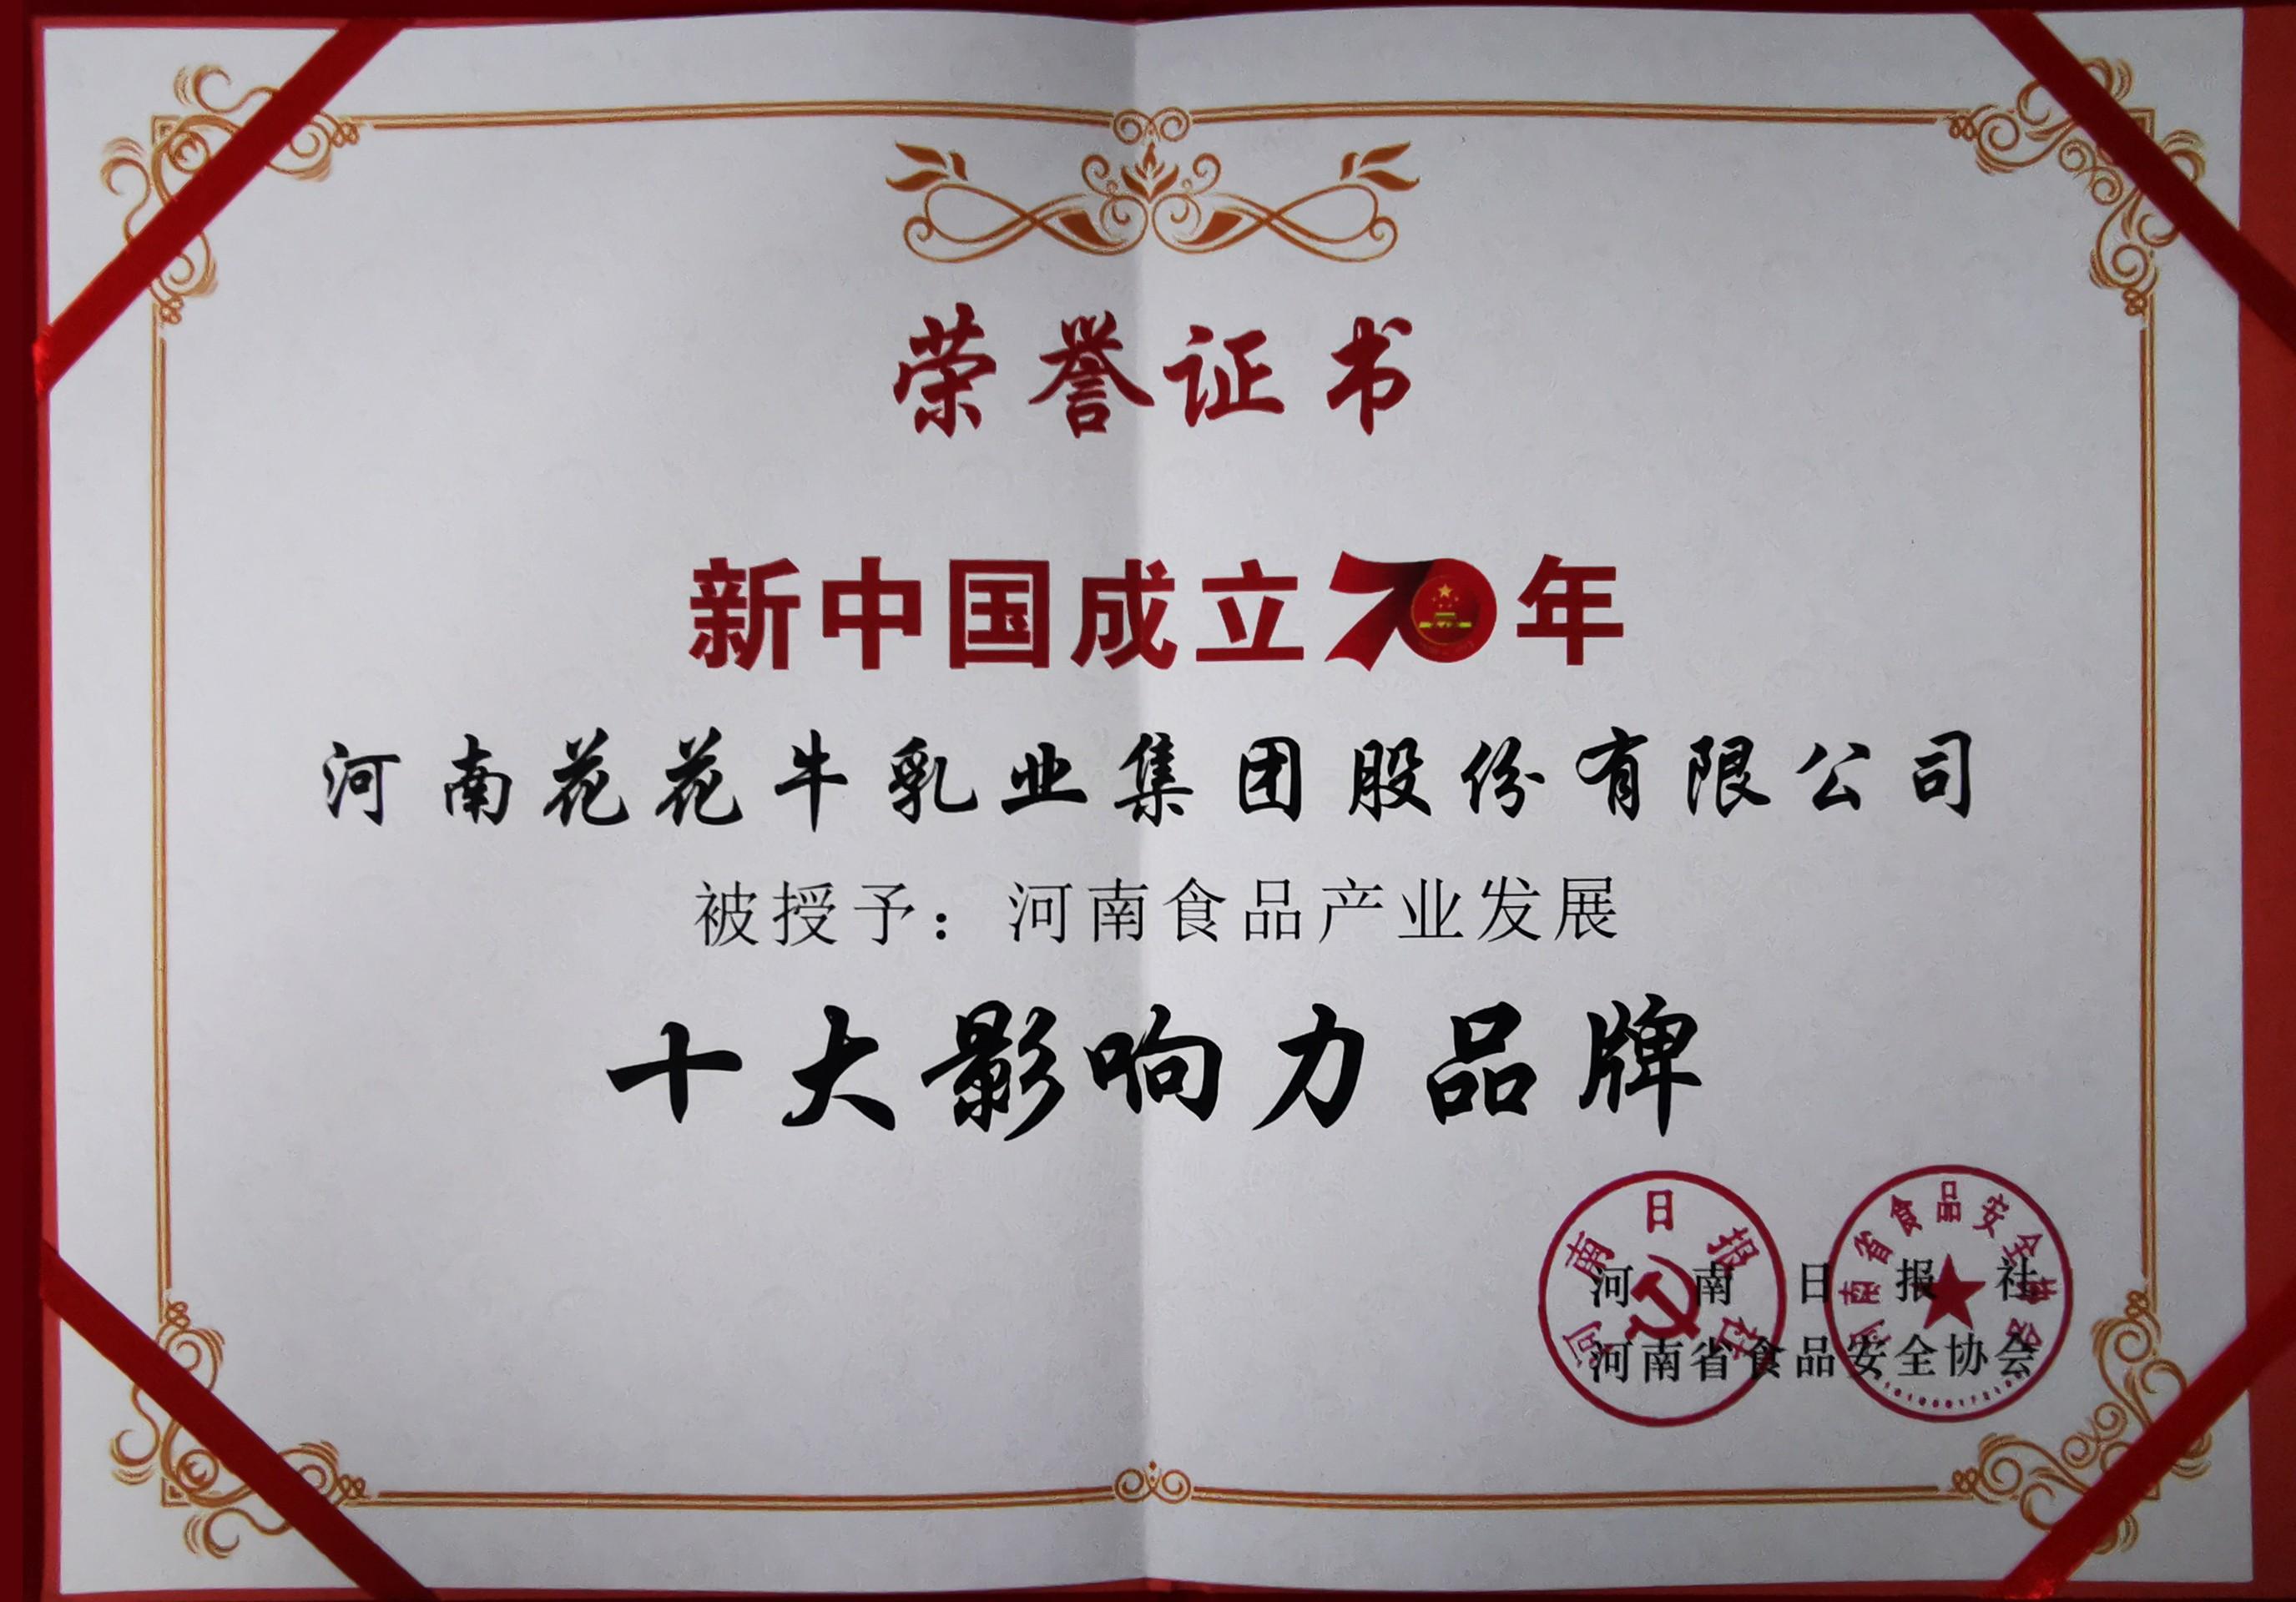 新中国成立70周年河南食品产业发展十大影响力品牌